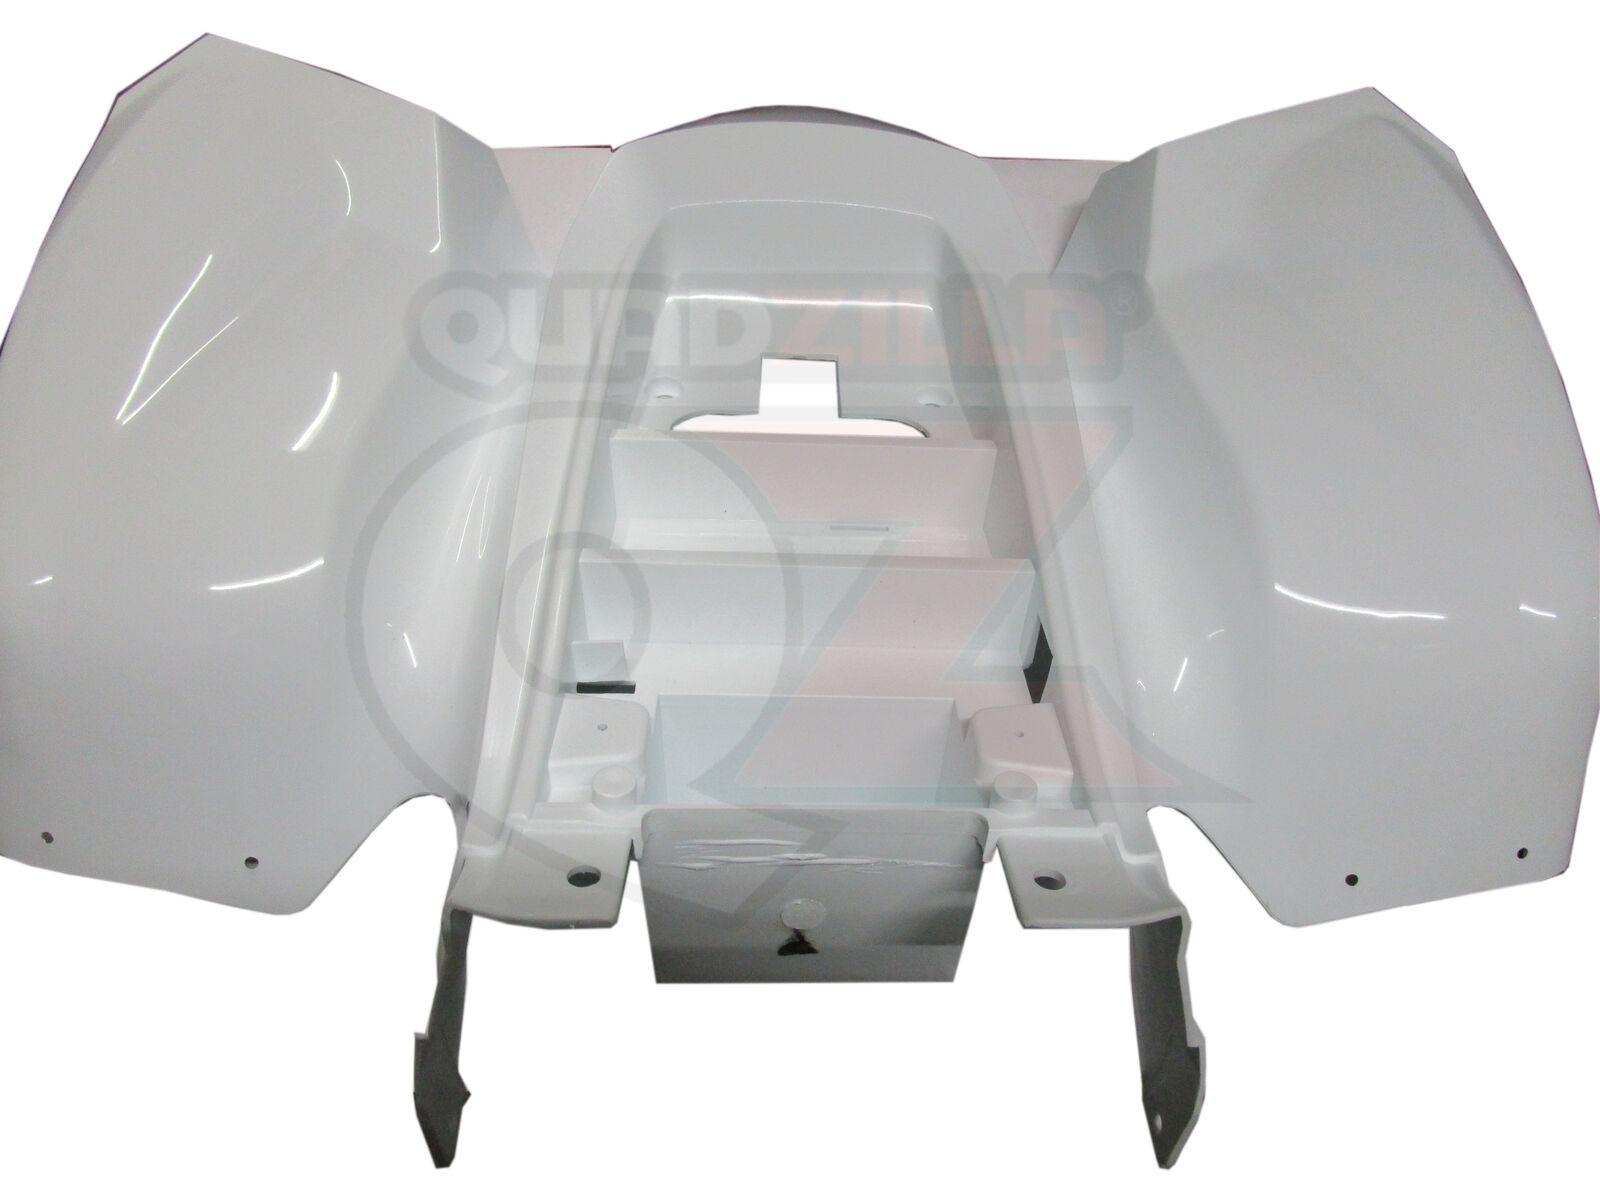 Genuine Quadzilla Pro Shark 100 Rear Cover Plastic Panel Black